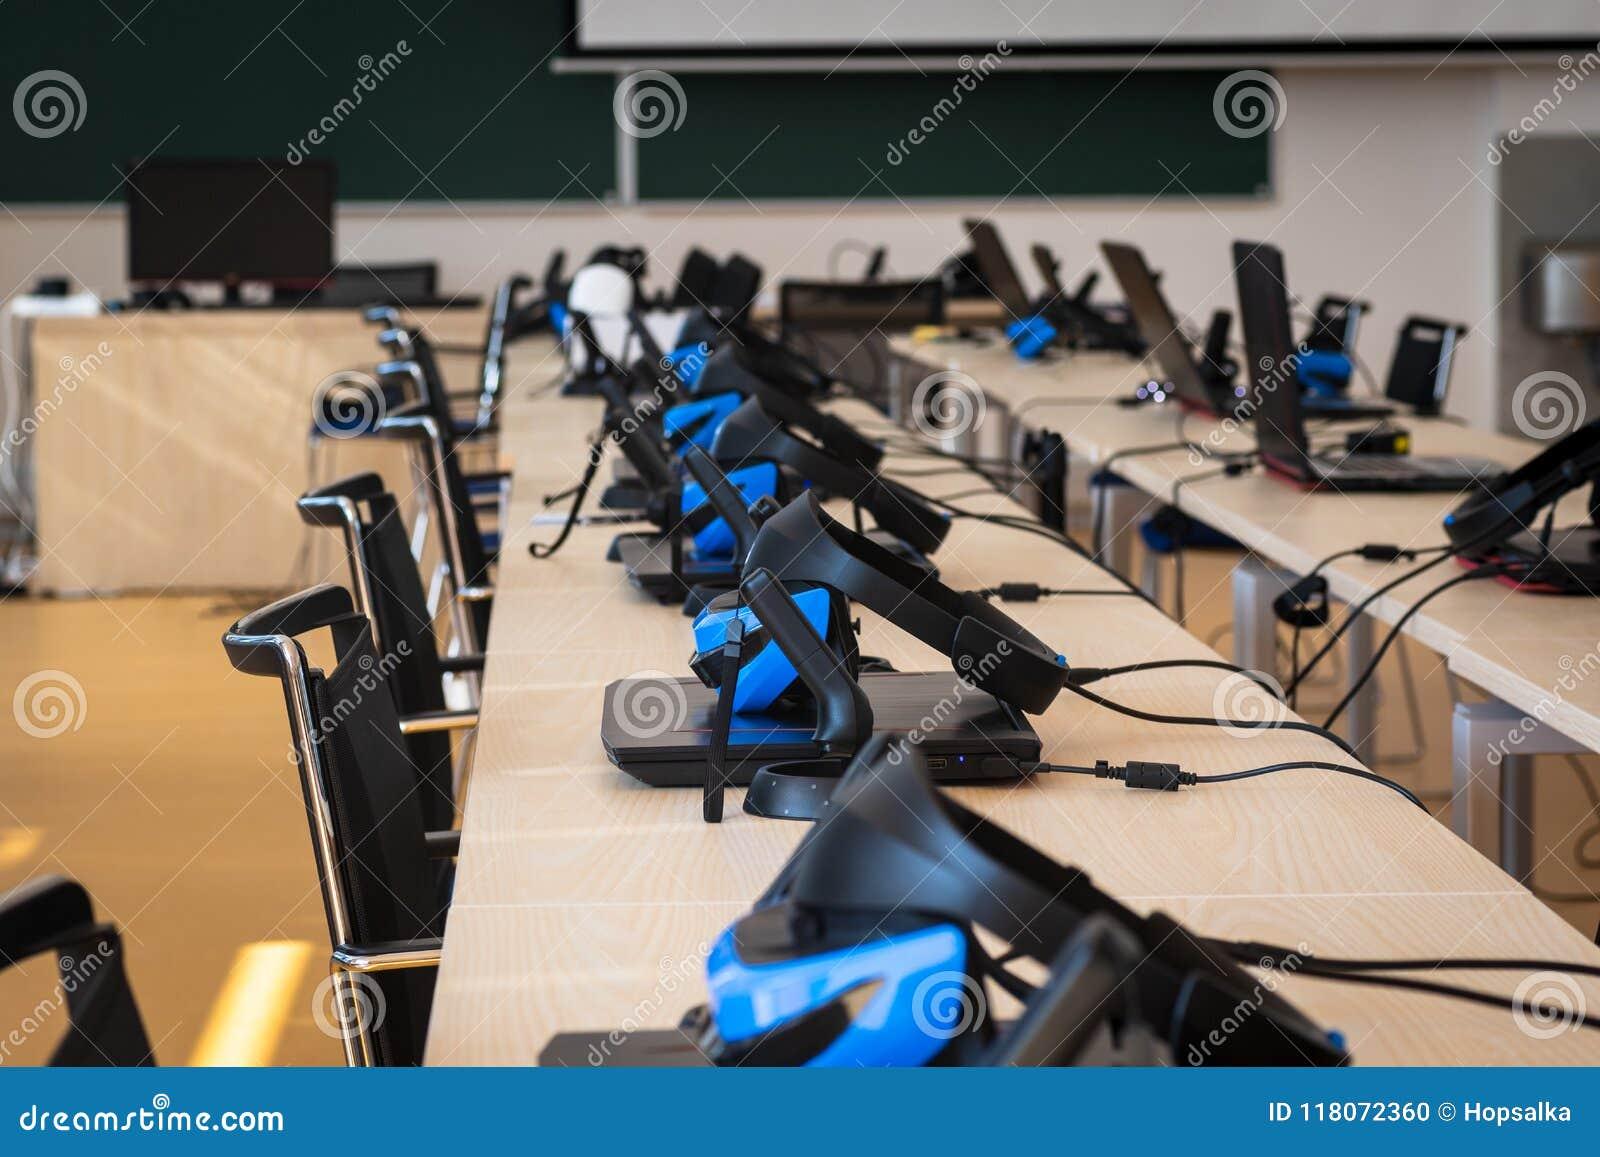 Stäng sig upp av många uppsättningar för virtuell verklighet VR i ett klassrum - hörlurar med mikrofon, kontrollant och dator